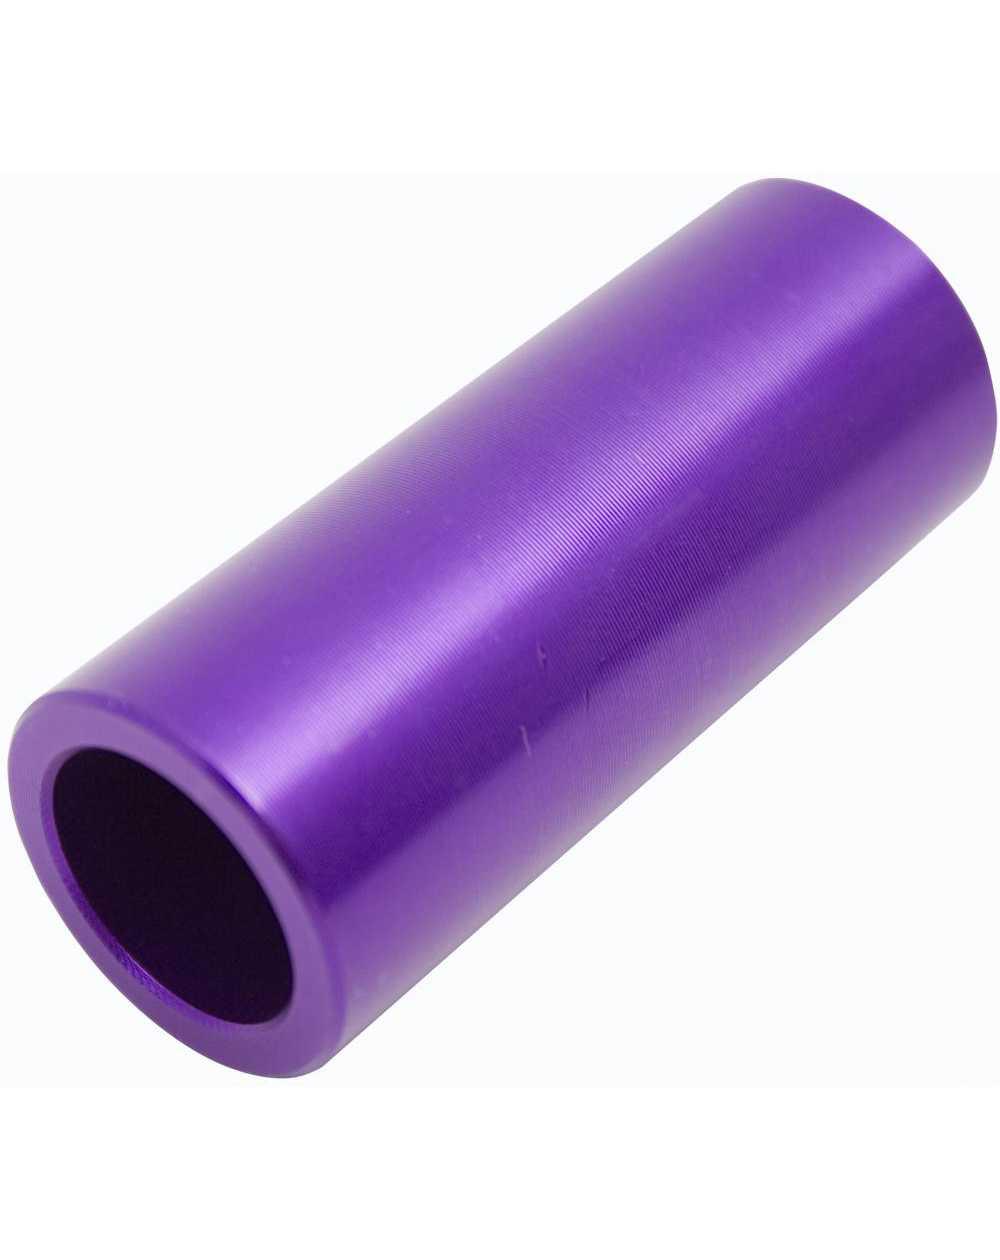 Blazer Pro Pegs Trottinette Alloy Purple 2 pc